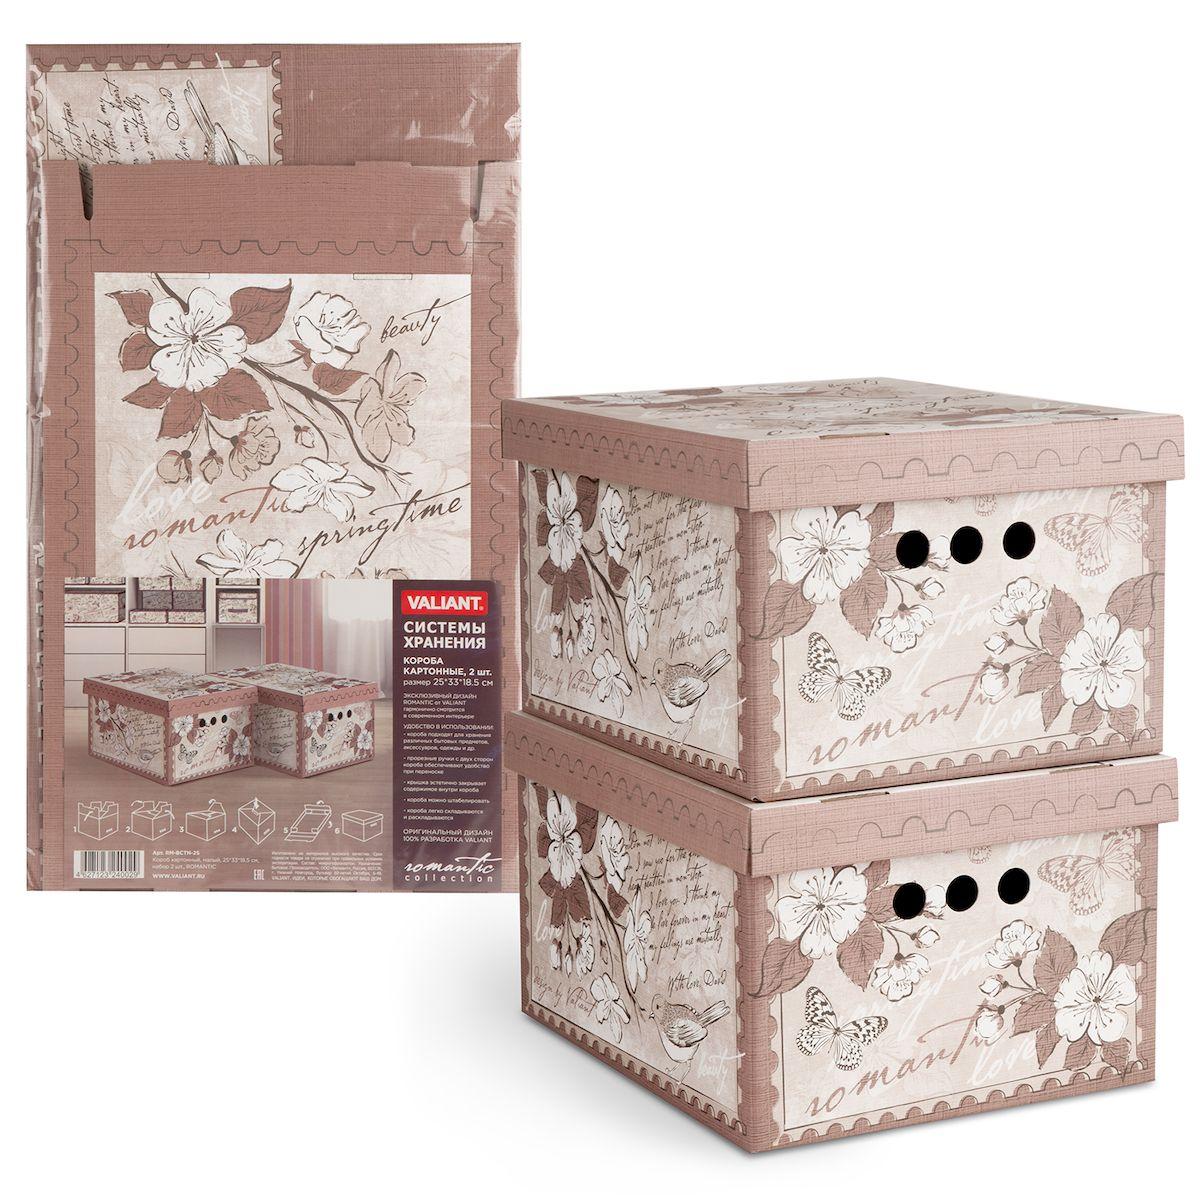 Короб для хранения Valiant Romantic, складной, 25х33х18,5 см, складной, 2 штRM-BCTN-2SКороб картонный Valiant Romantic легкий и прочный. Короб являются самосборным (на упаковке имеется удобная инструкция по сборке). Благодаря прорезным ручкам с двух сторон коробку удобно поднимать и переносить.